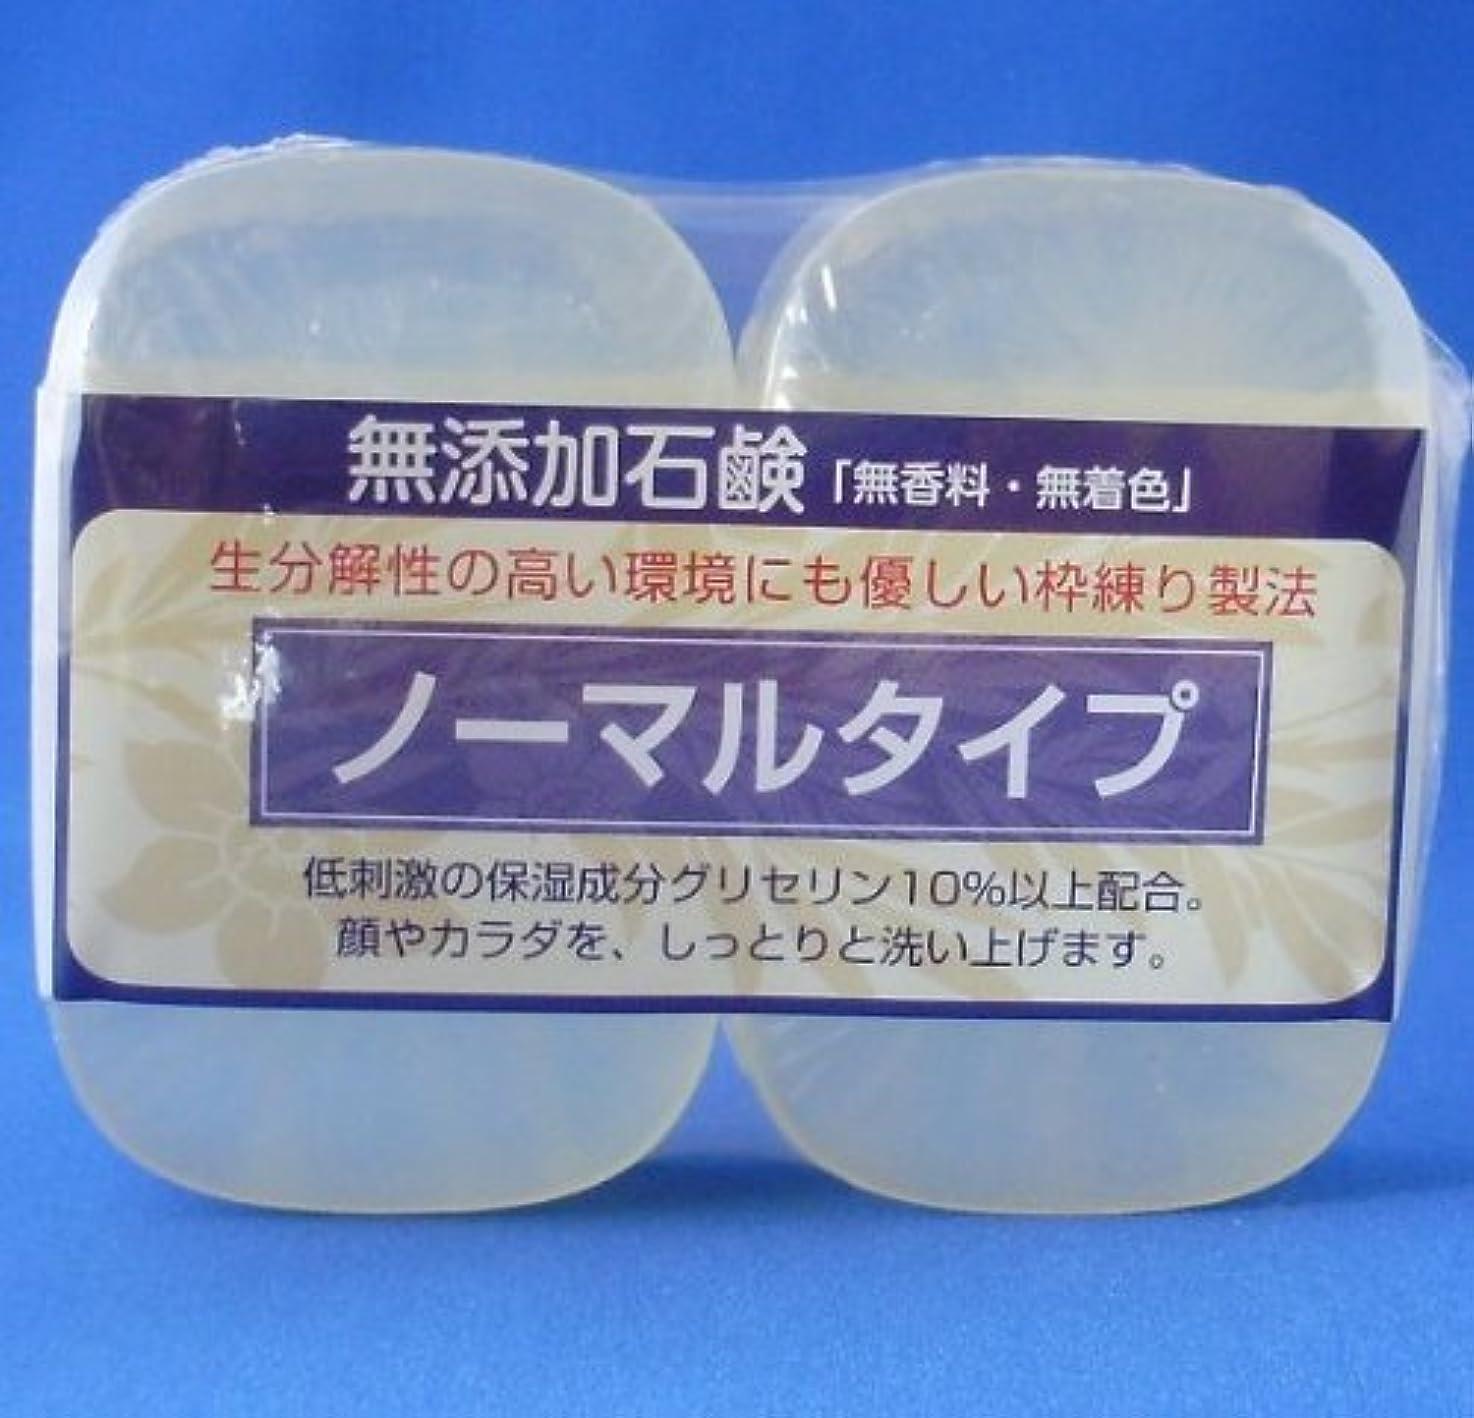 破壊的な暫定一過性無添加石鹸 ノーマルタイプ 90g×2個